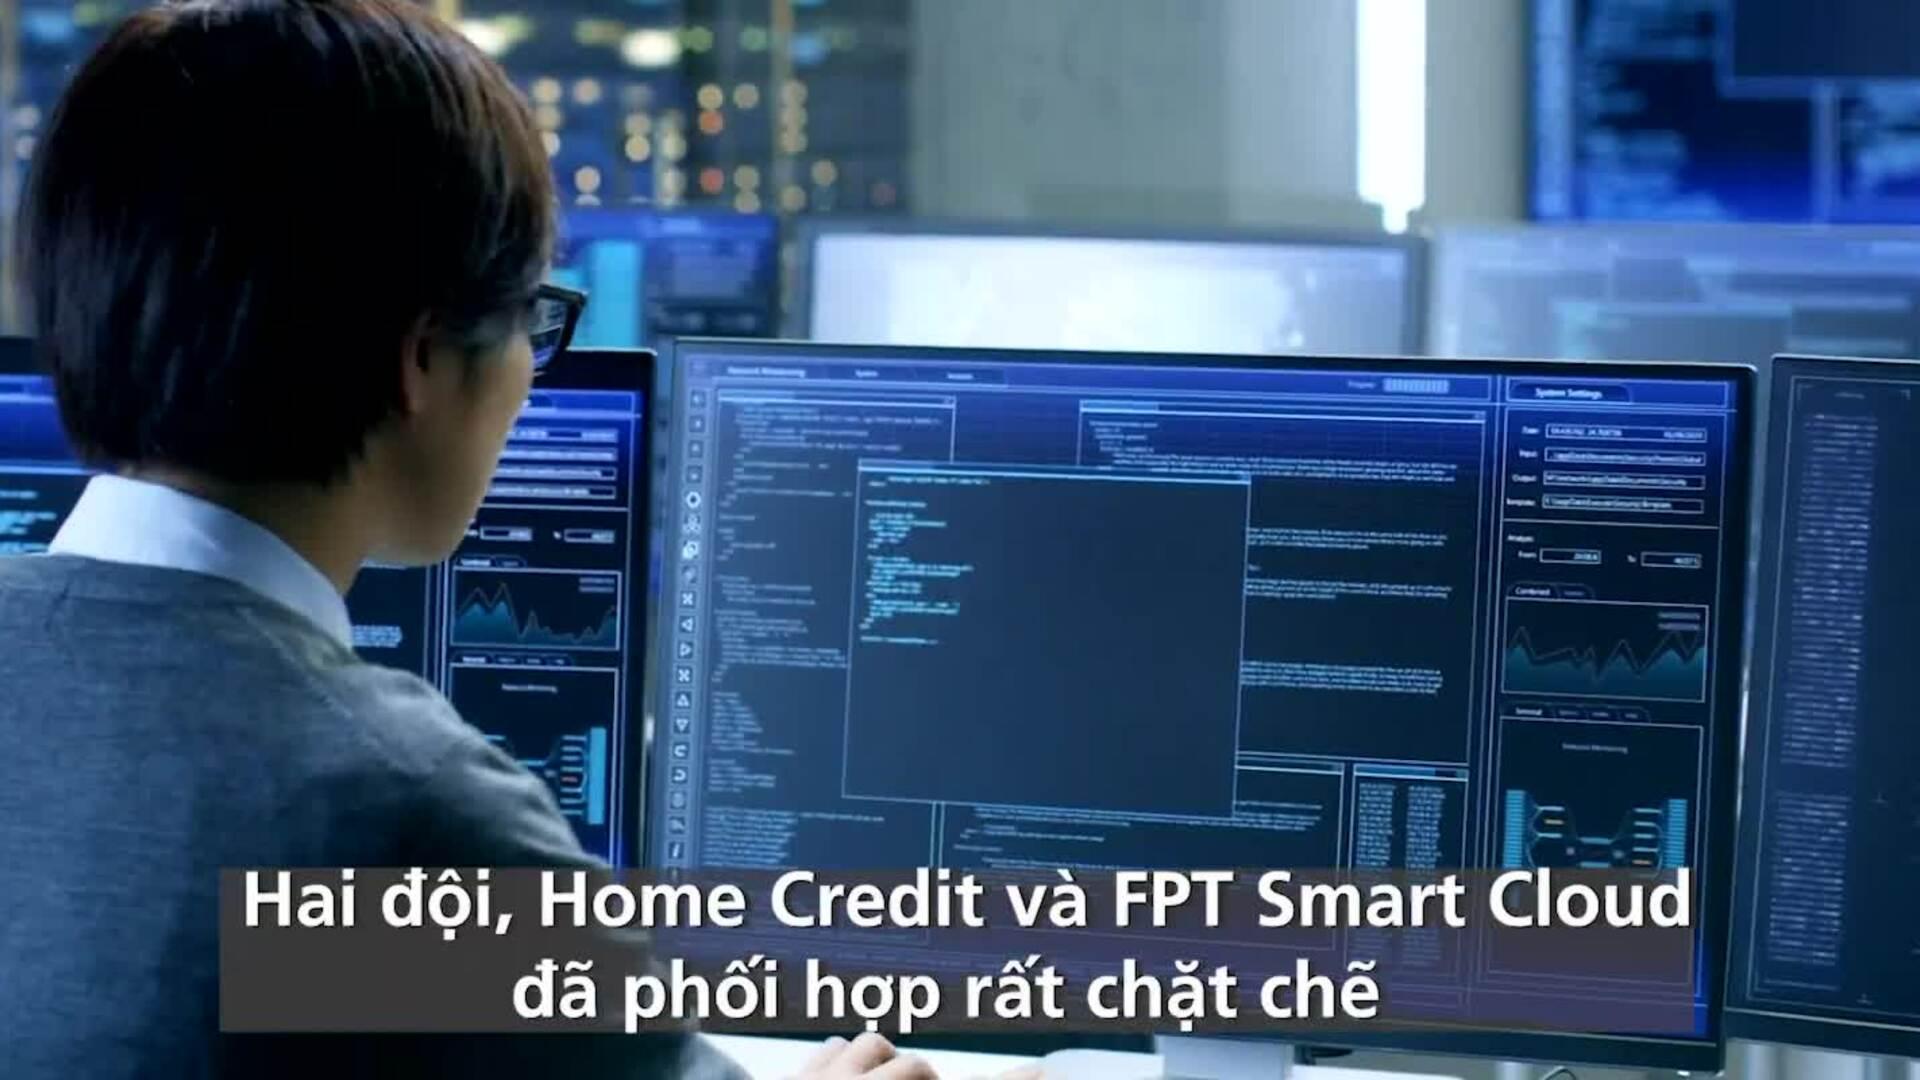 Home Credit Vietnam nâng hiệu quả chăm sóc khách hàng qua trợ lý ảo FPT.AI